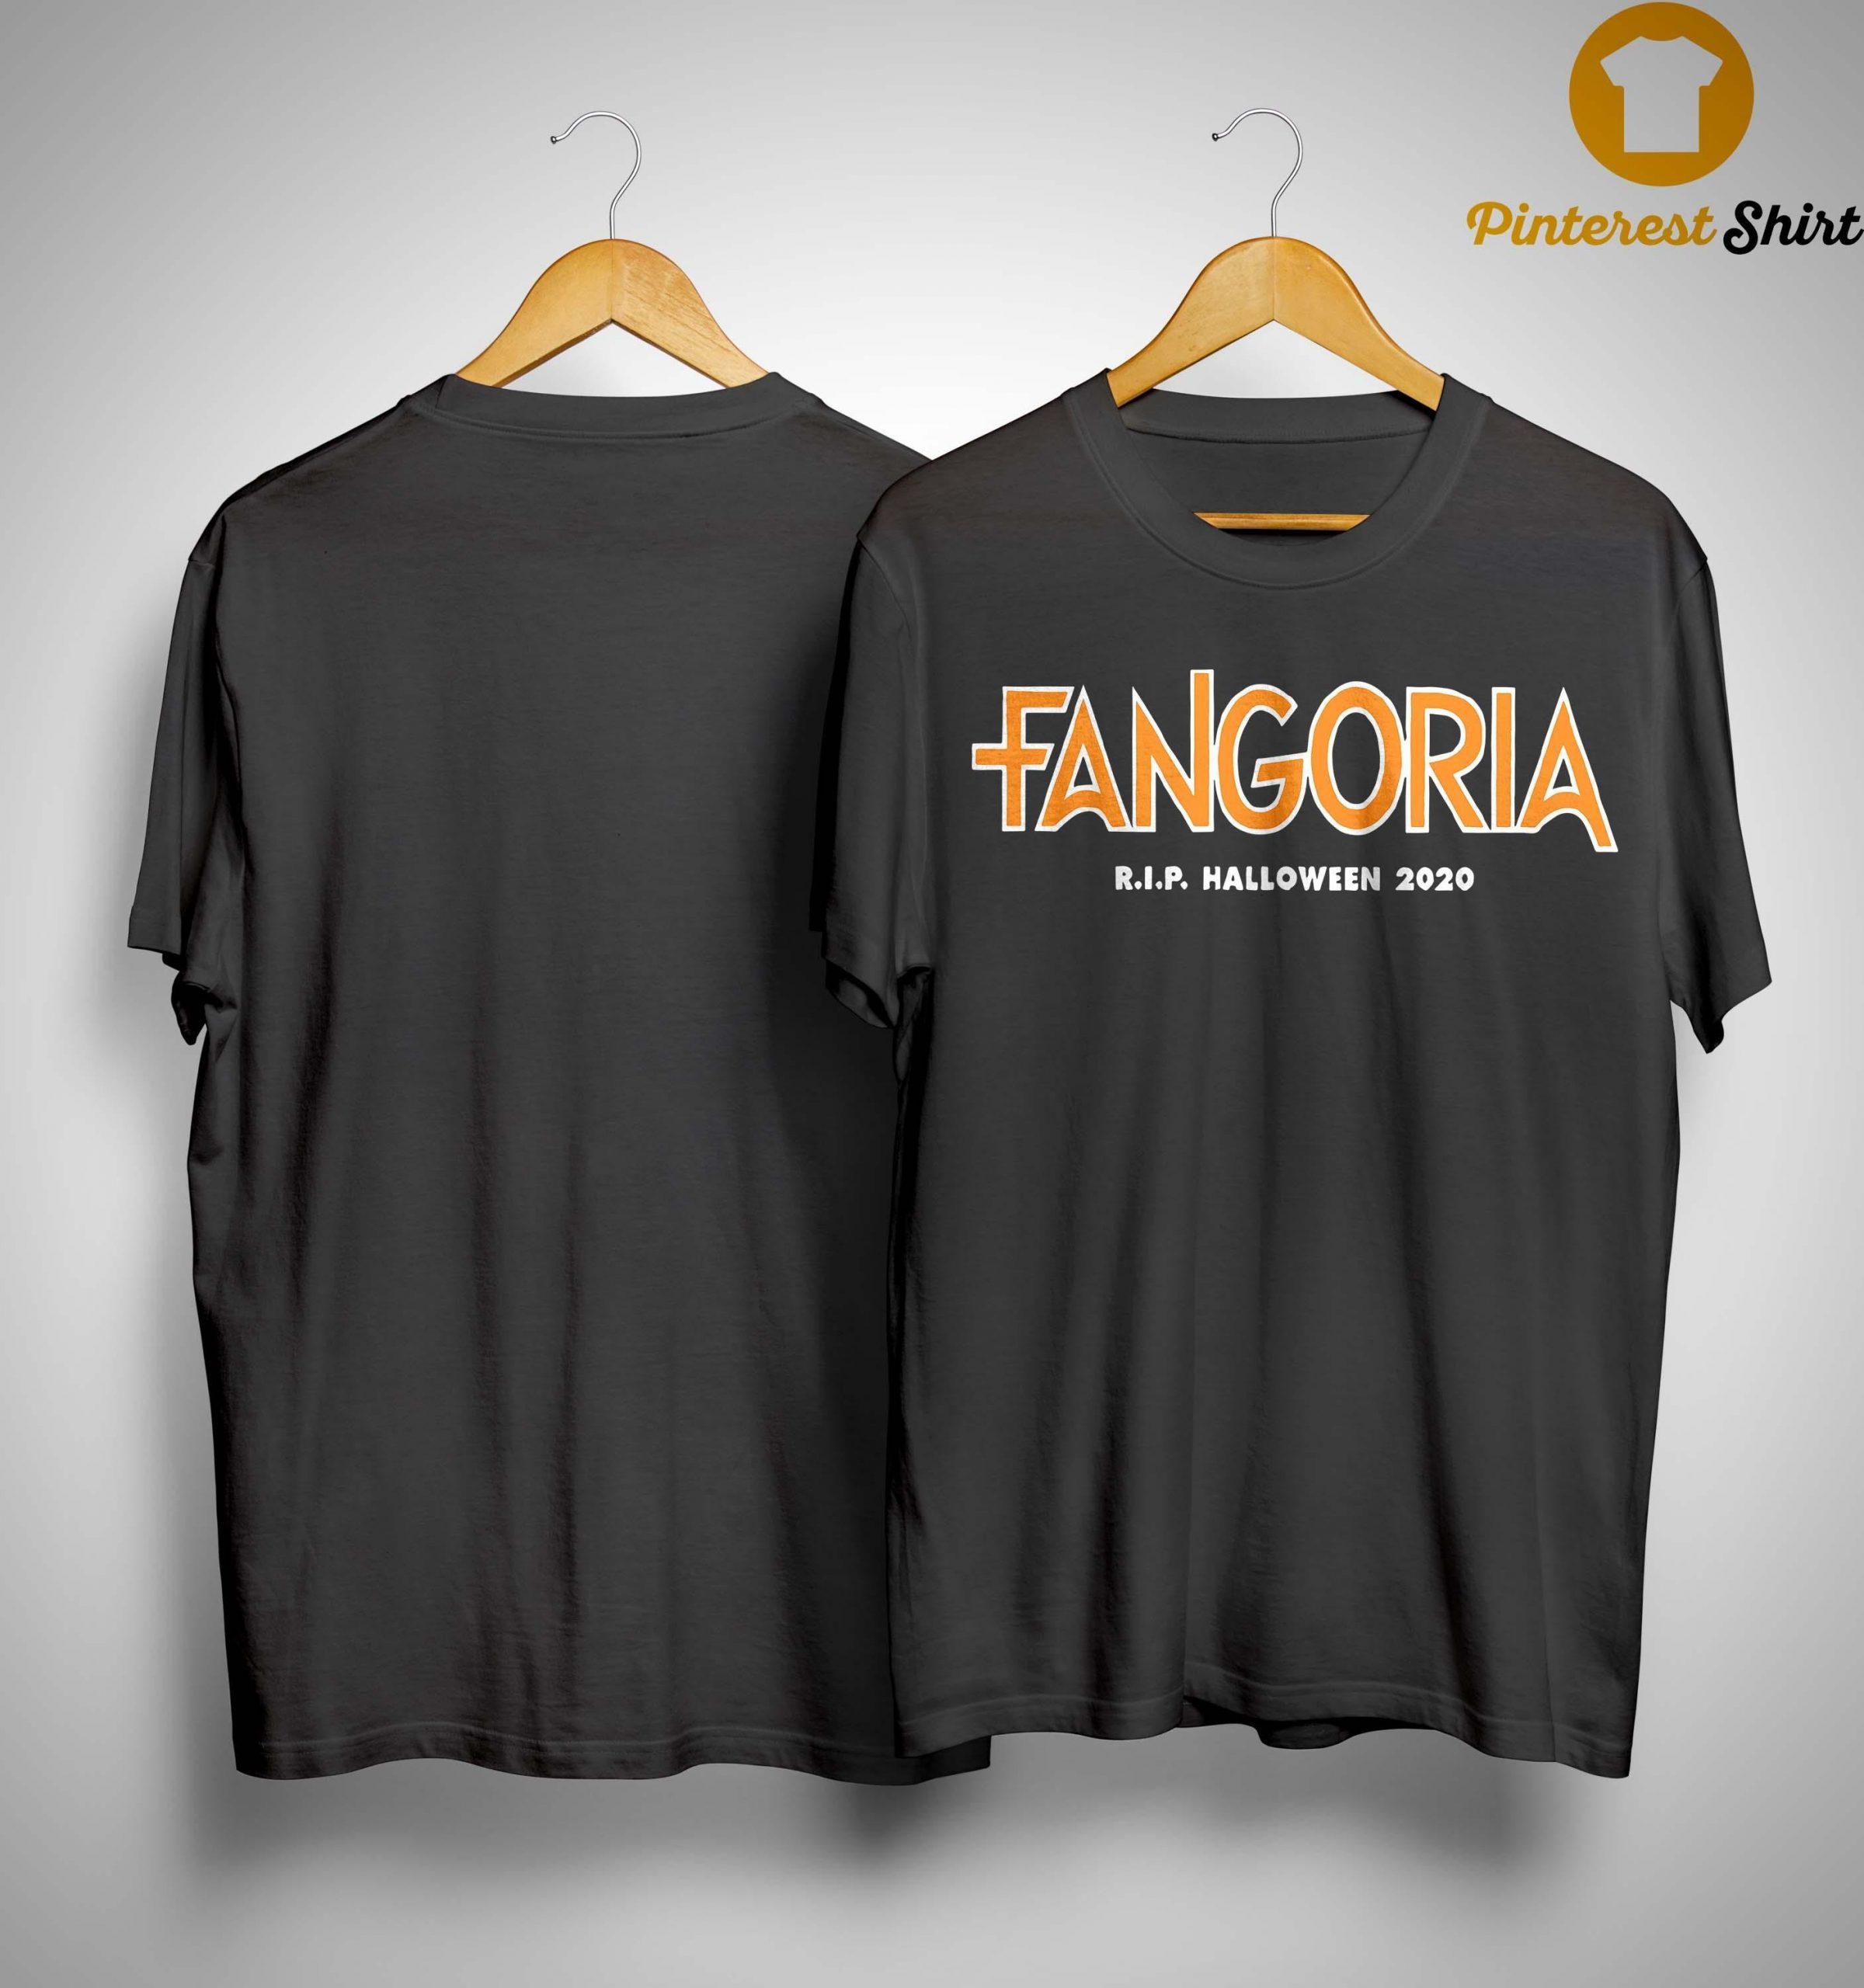 Fangoria Issue 1 Halloween 2020 Fangoria Rip Halloween 2020 Shirt, Sweater And Hoodie   Pinterest